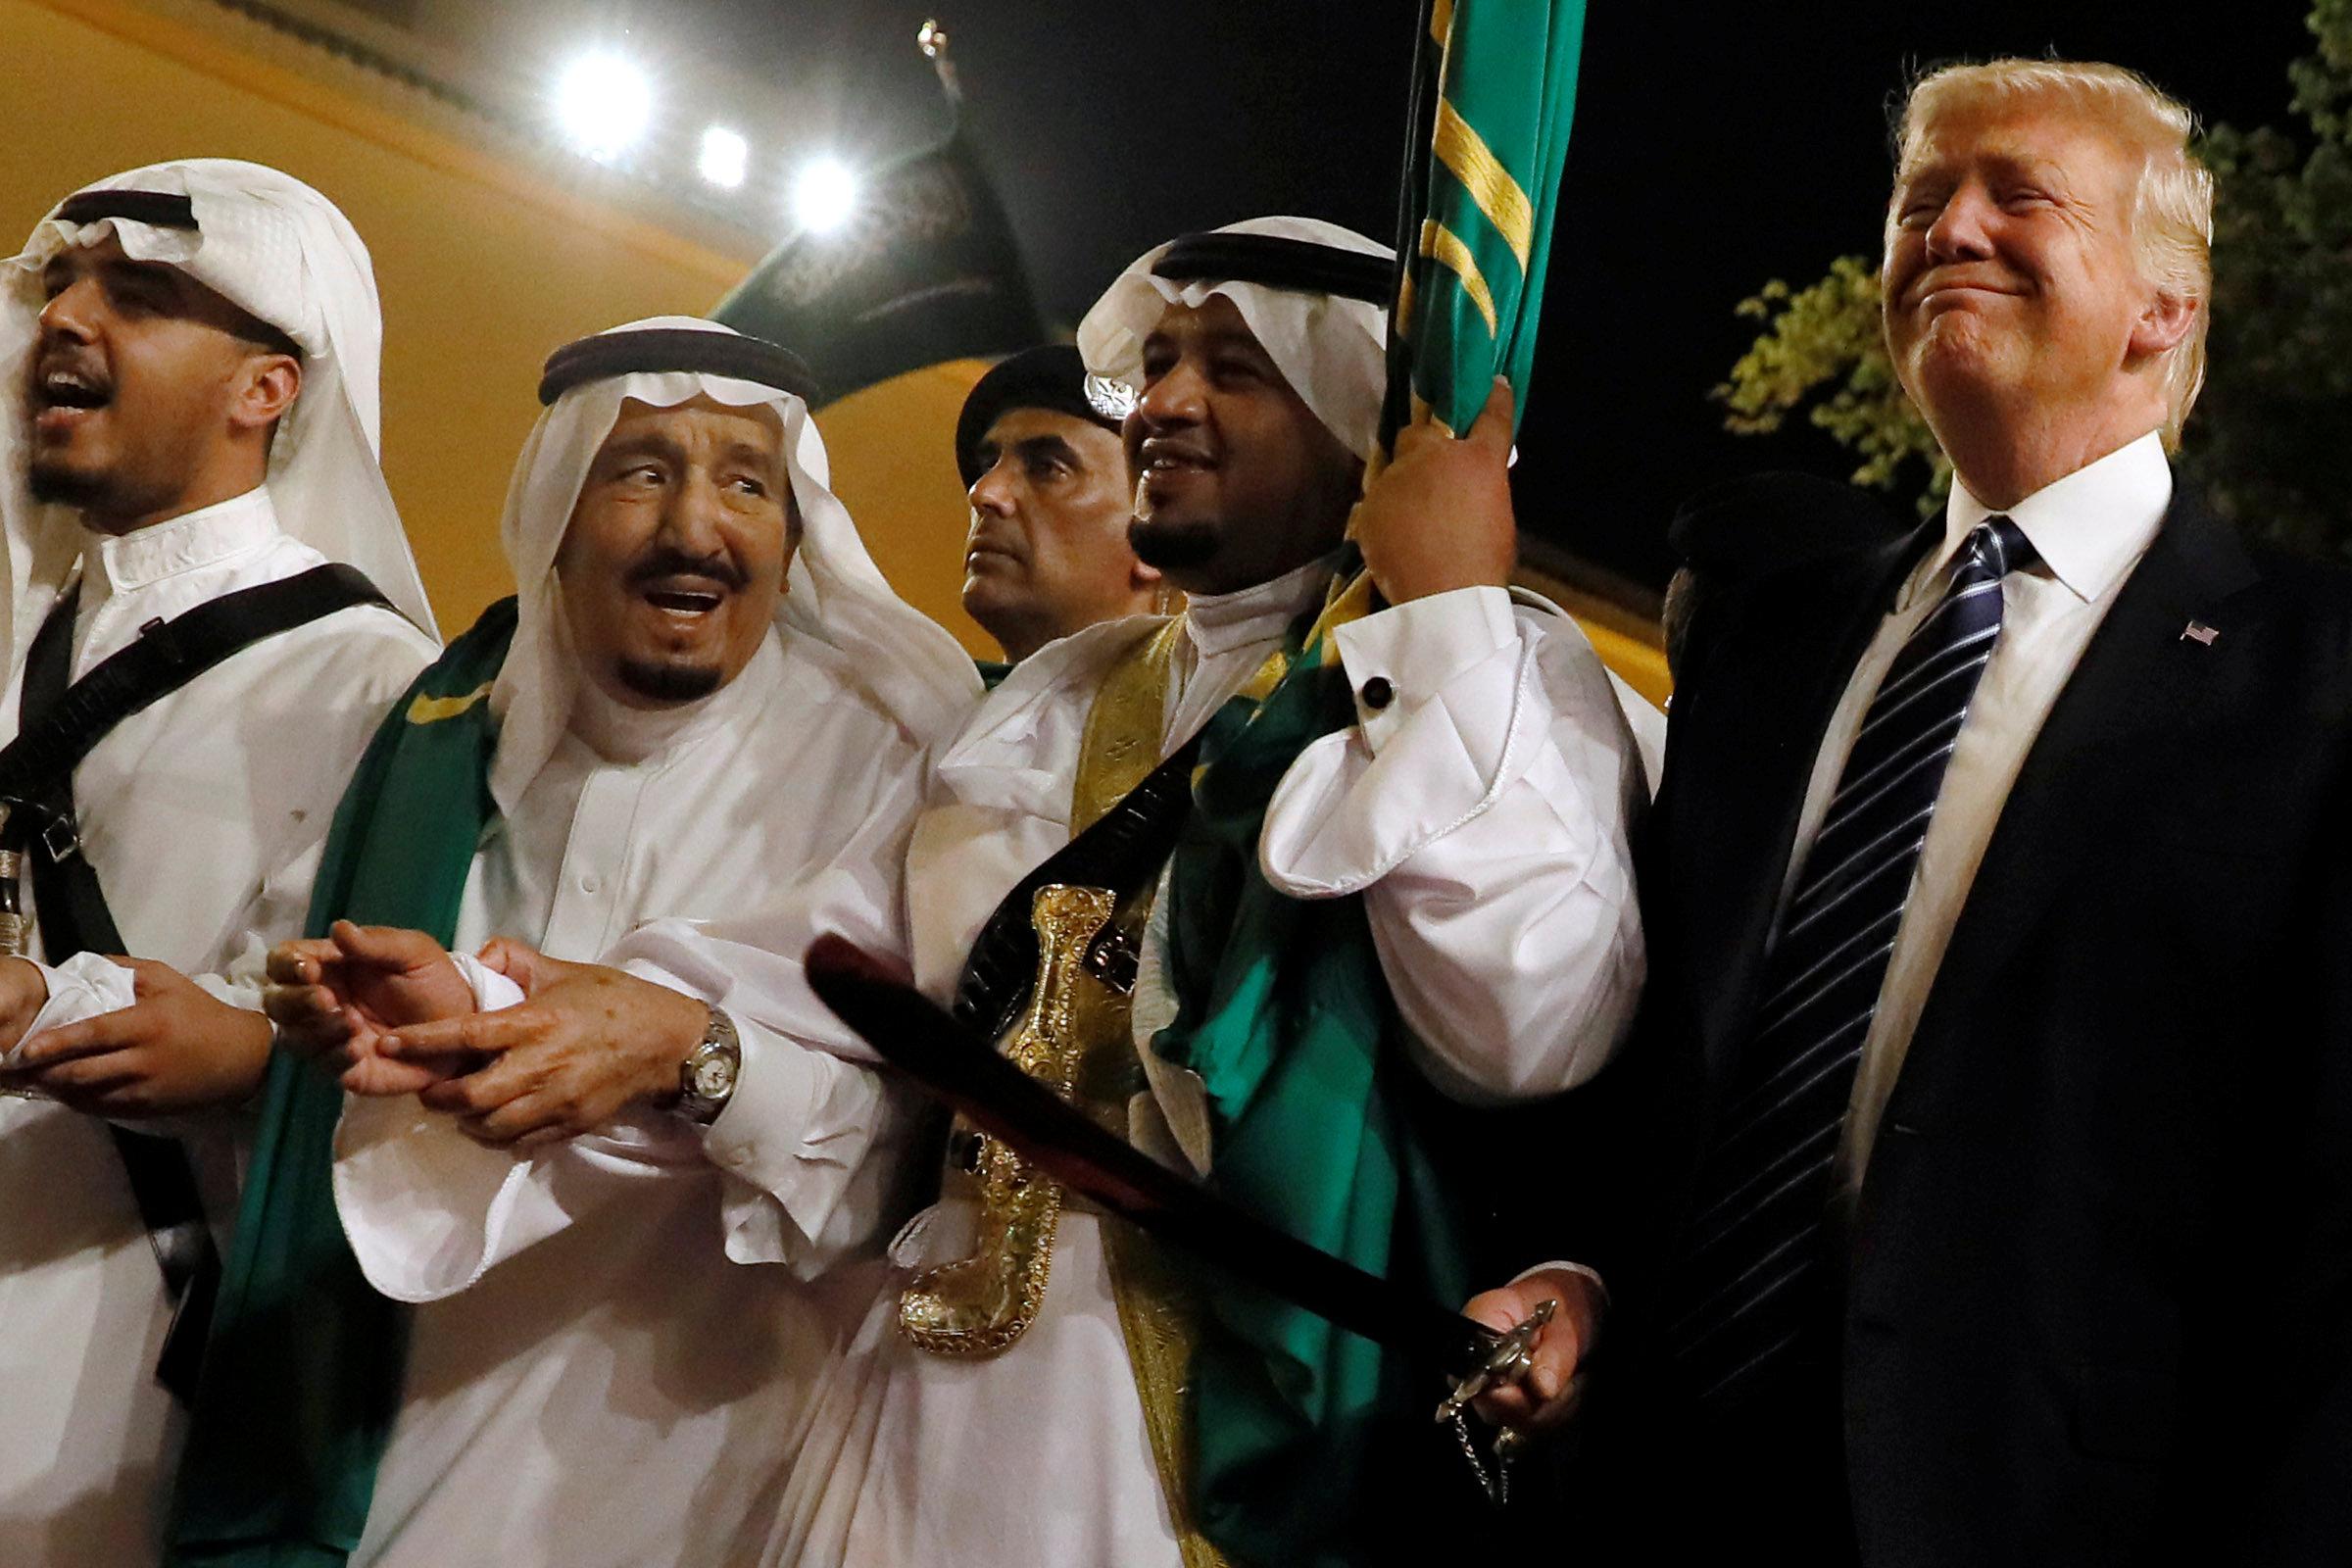 أفعال ترامب في الشرق الأوسط ستضره أكثر من تحقيق مولر